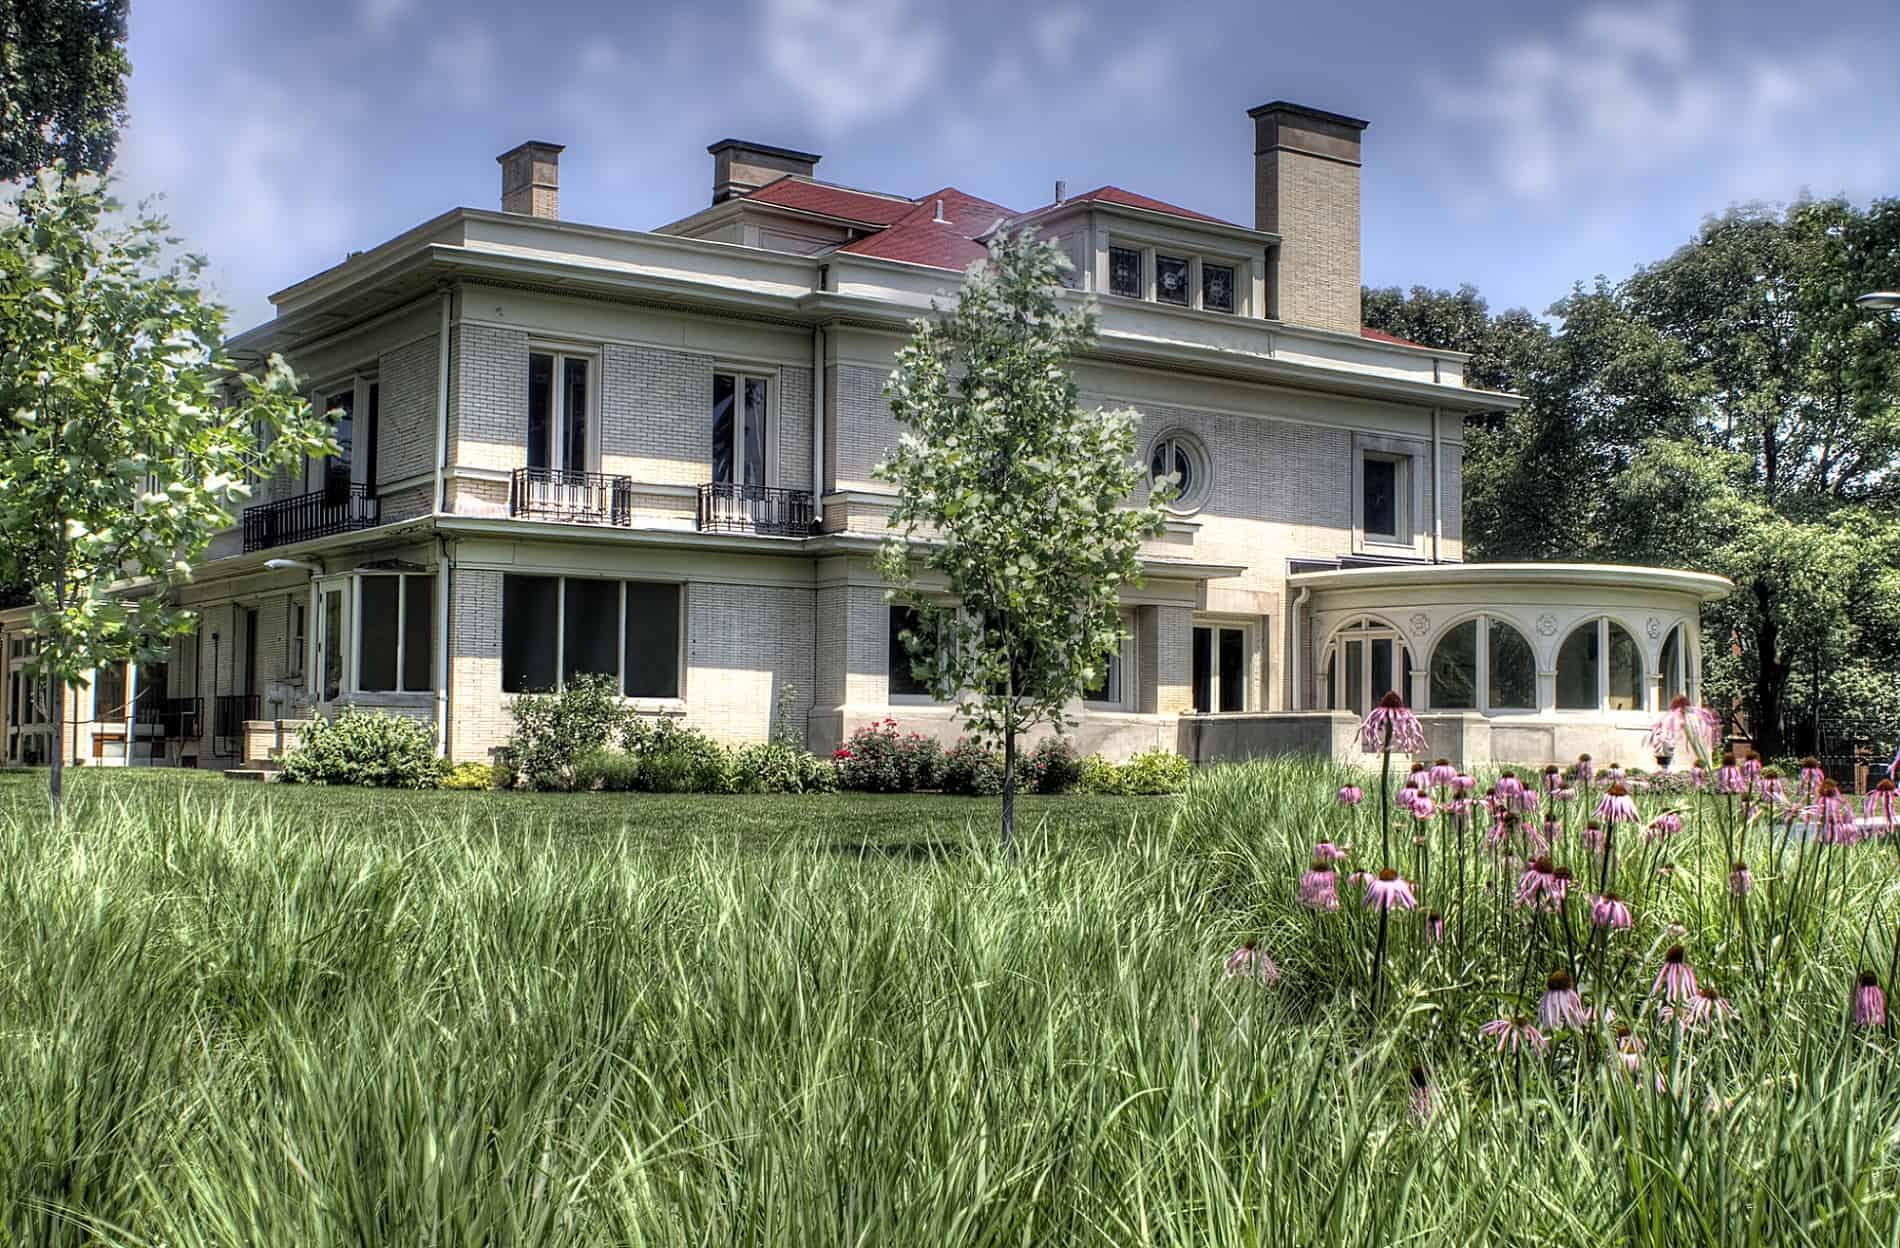 The Pleasant Home in Oak Park IL